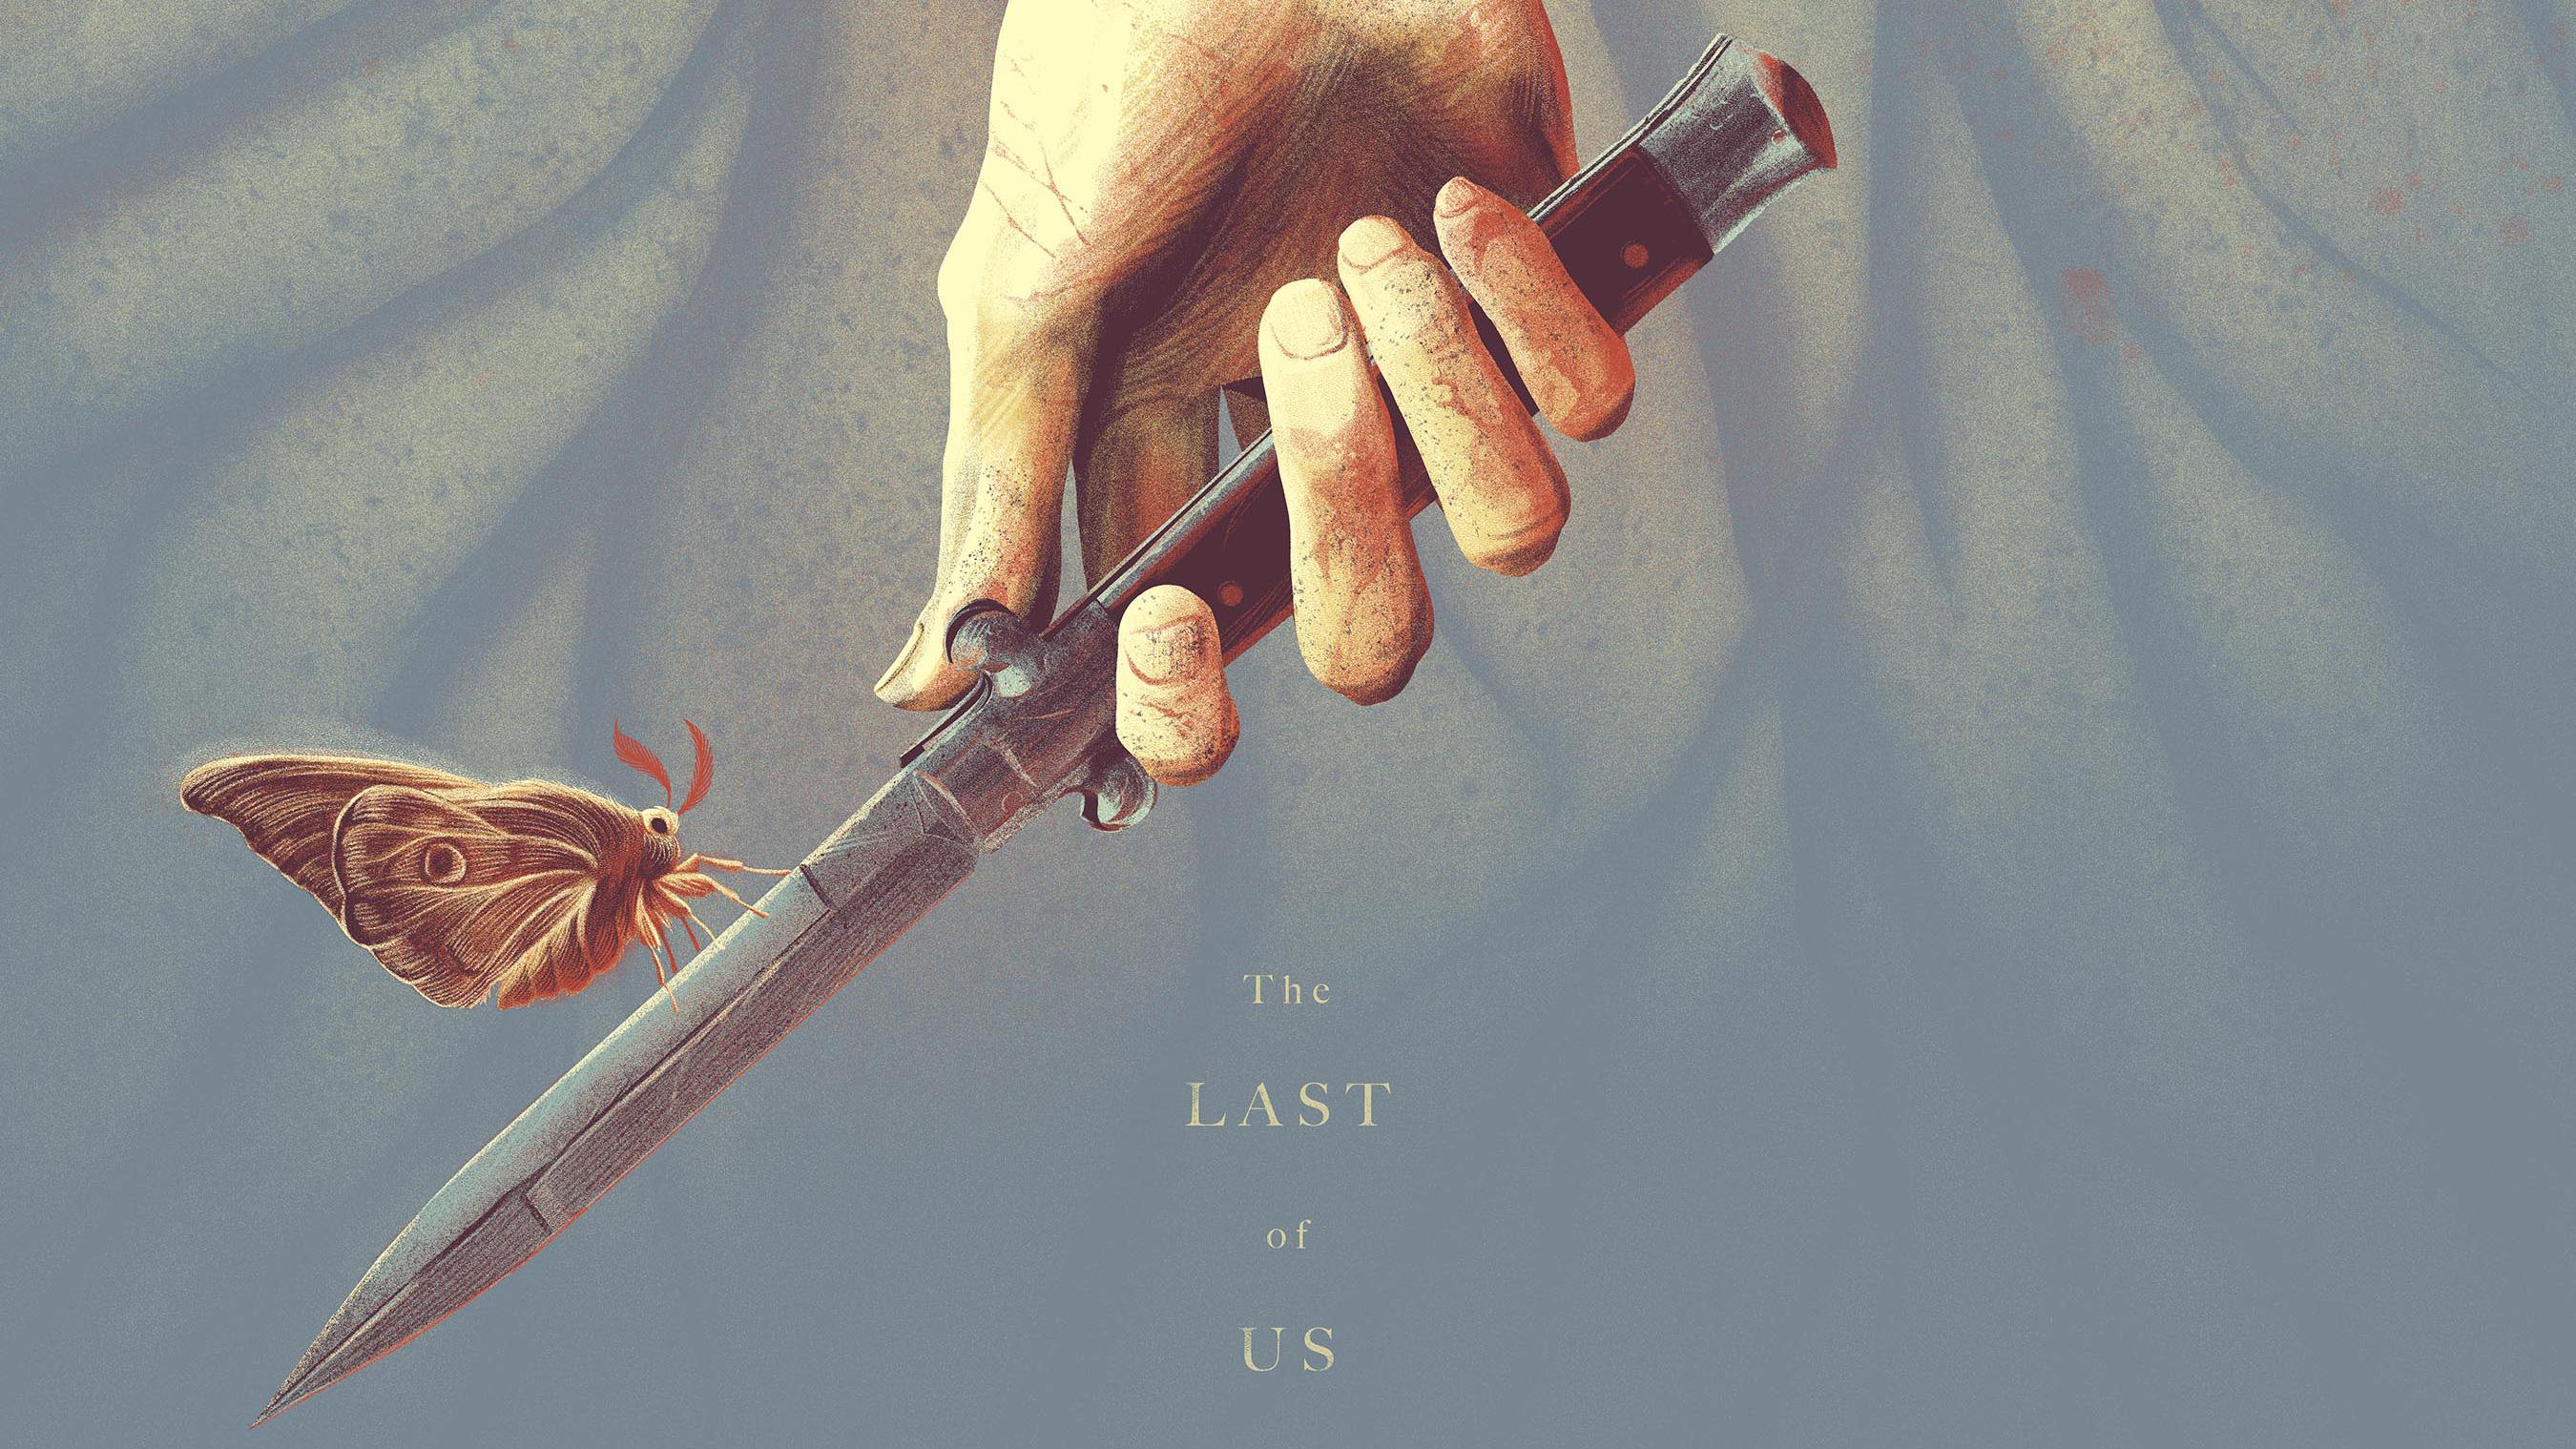 210 The Last Of Us Papéis De Parede Hd: The Last Of Us Outbreak Day Papel De Parede HD